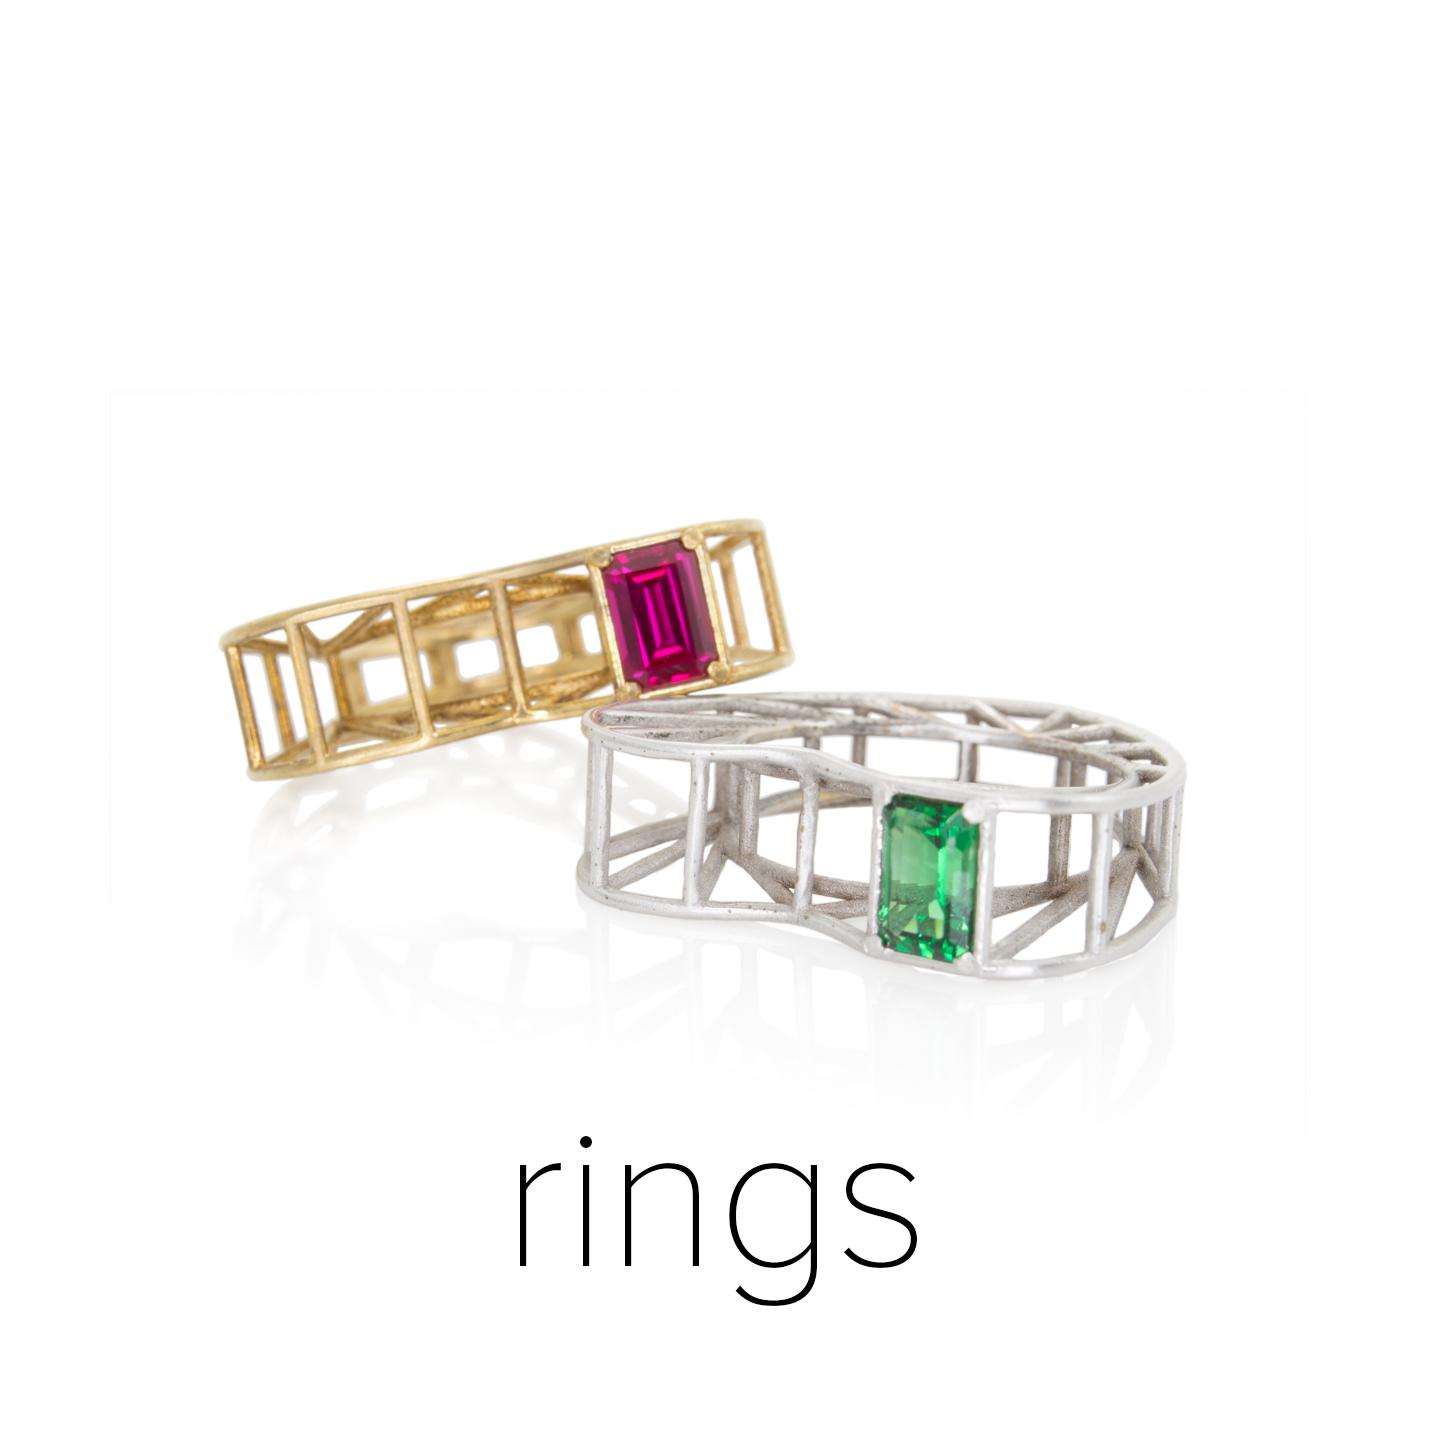 home-rings-2.jpg